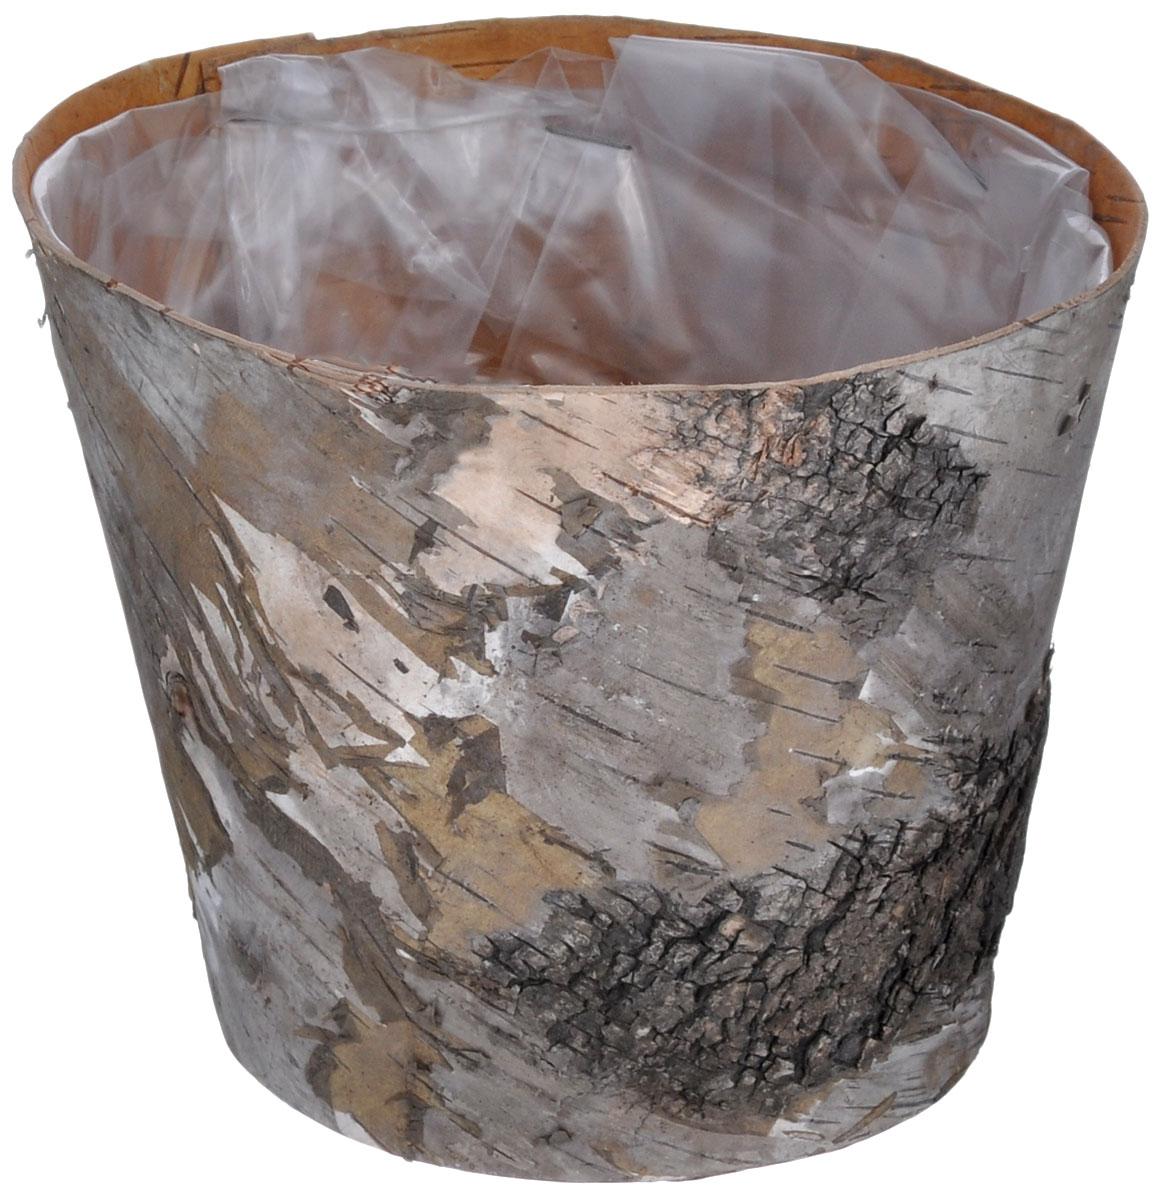 Декоративный элемент Dongjiang Art, цвет: натуральное дерево, 15 х 15 х 12 см7709033_нат/деревоДекоративный элемент Dongjiang Art, изготовленный из натуральной коры дерева, предназначен для украшения цветочных композиций. Флористика - вид декоративно-прикладного искусства, который использует живые, засушенные или консервированные природные материалы для создания флористических работ. Это целый мир, в котором есть место и строгому математическому расчету, и вдохновению. Диаметр изделия по верхнему краю: 15 см. Диаметр дна: 11 см. Высота изделия: 12 см.